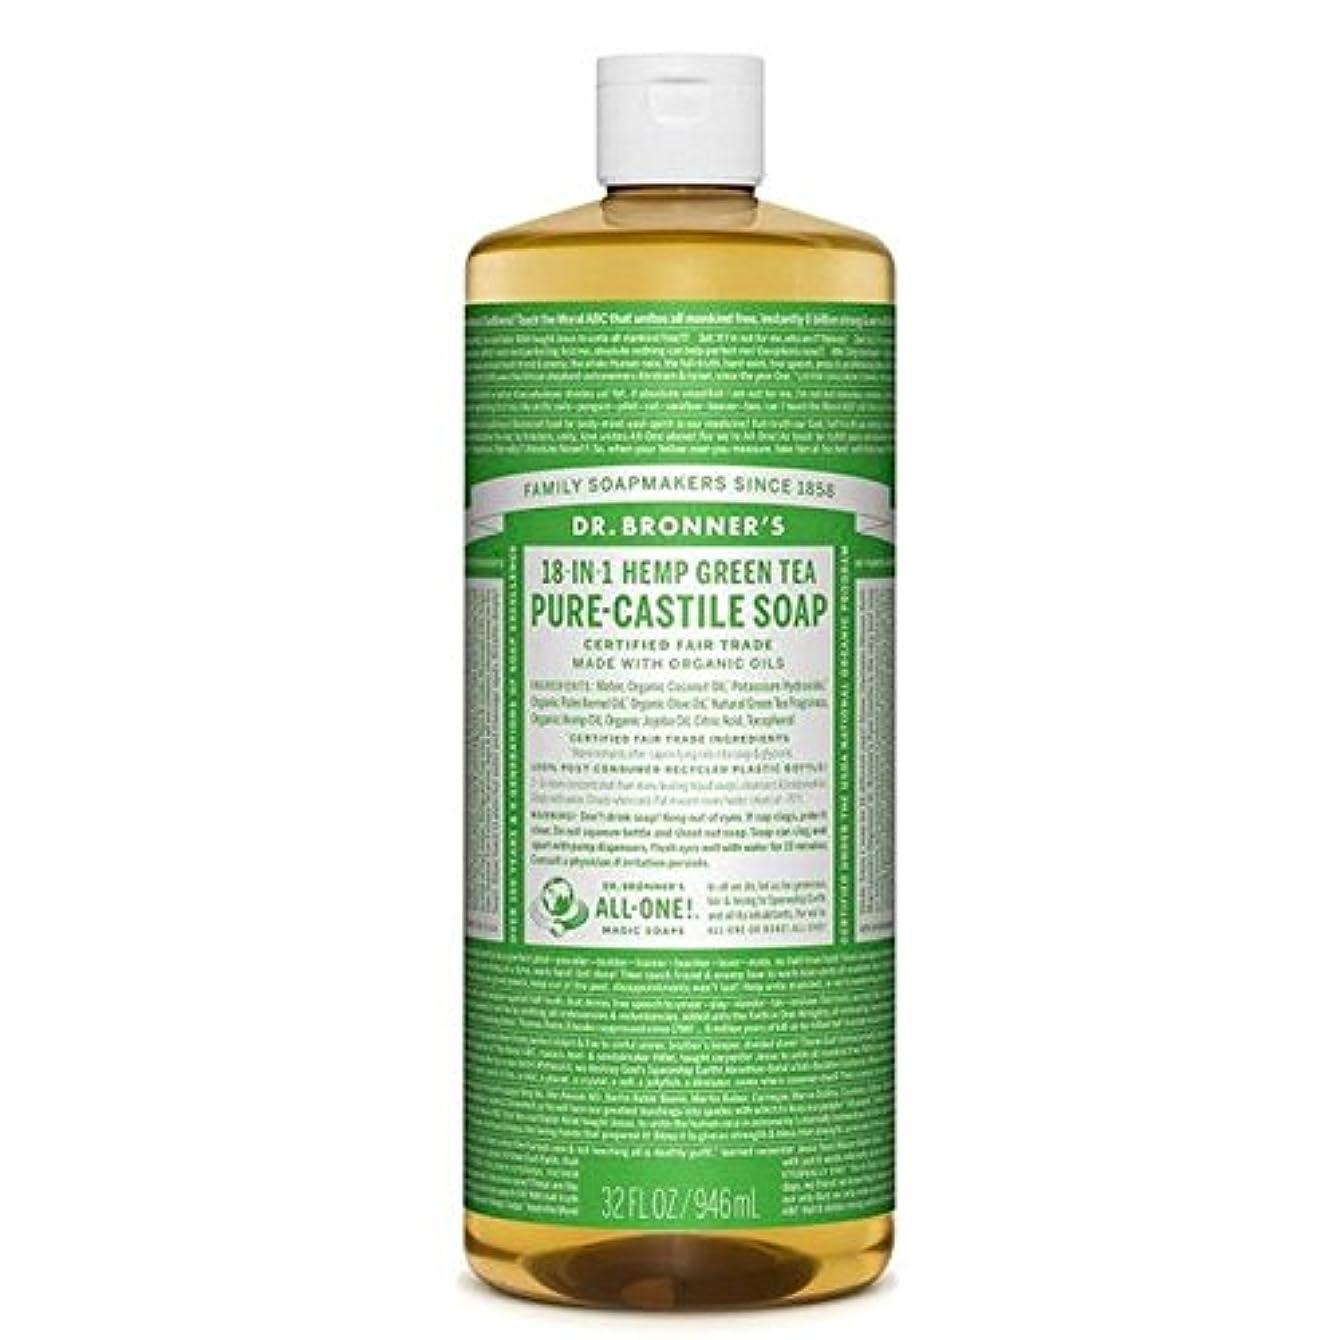 同志八百屋ケーブルカーDr Bronner Organic Green Tea Castile Liquid Soap 946ml - のブロナー有機緑茶カスティーリャ液体石鹸946ミリリットル [並行輸入品]